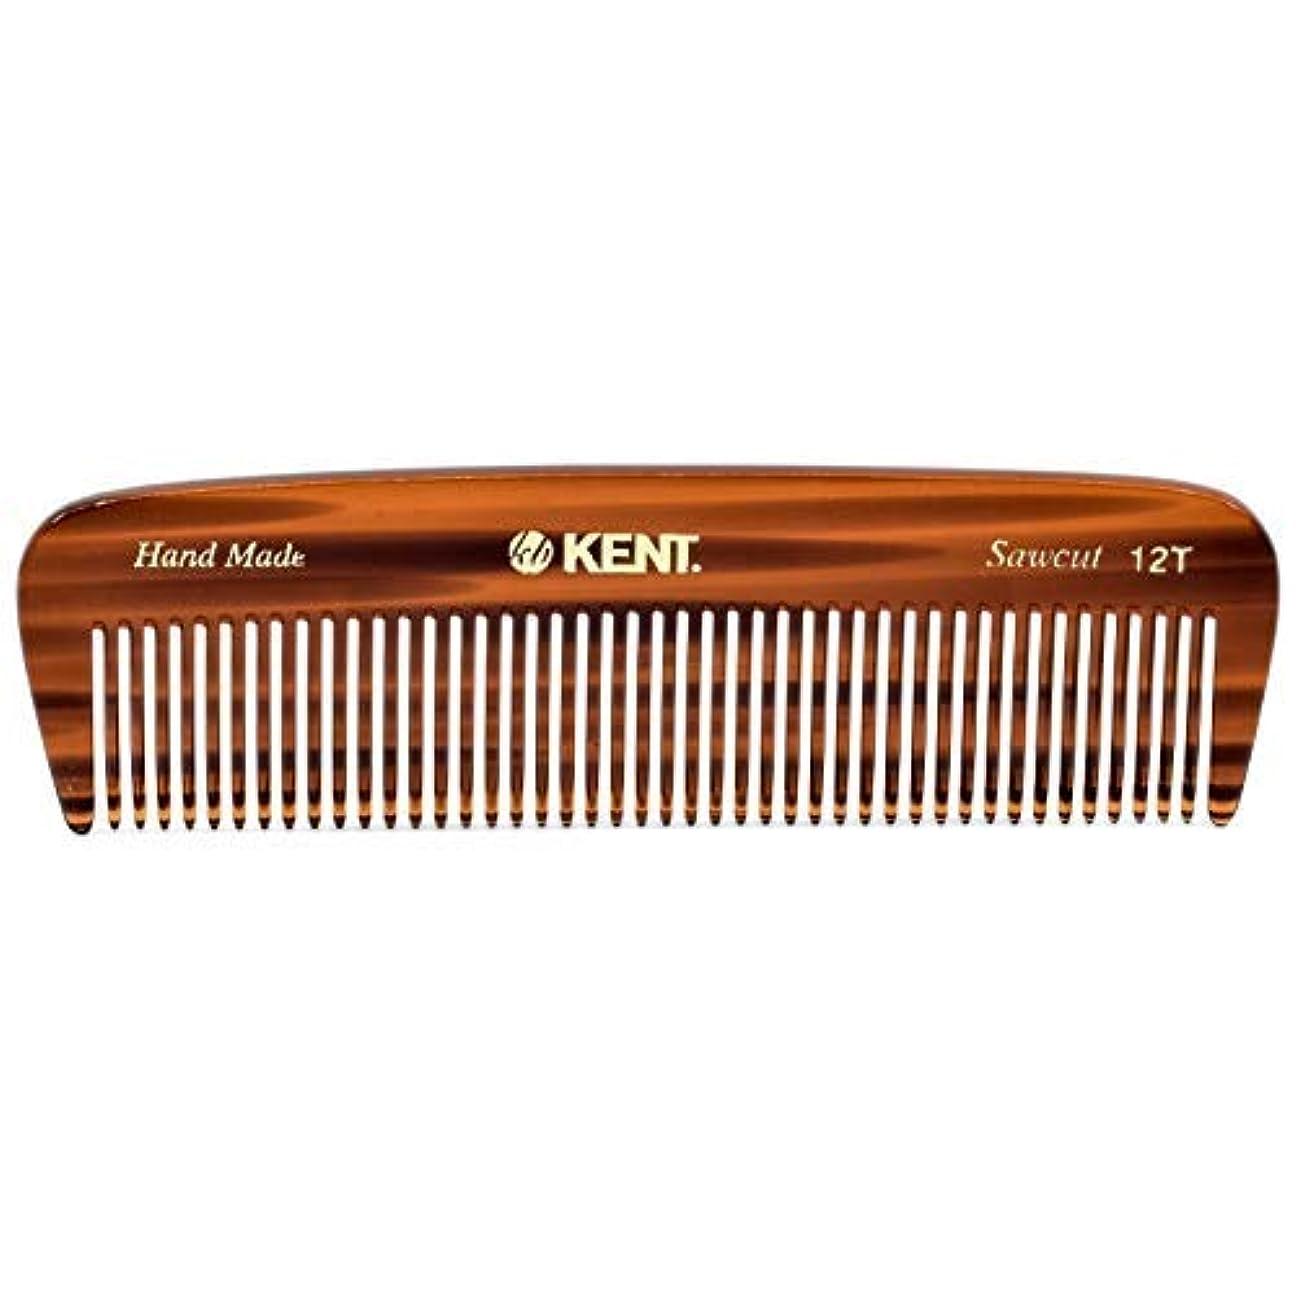 罪人意気込み家事をするKent 12T Handmade Medium Size Teeth for Thick/Coarse Hair Comb for Men/Women - For Grooming, Styling, and Detangling...